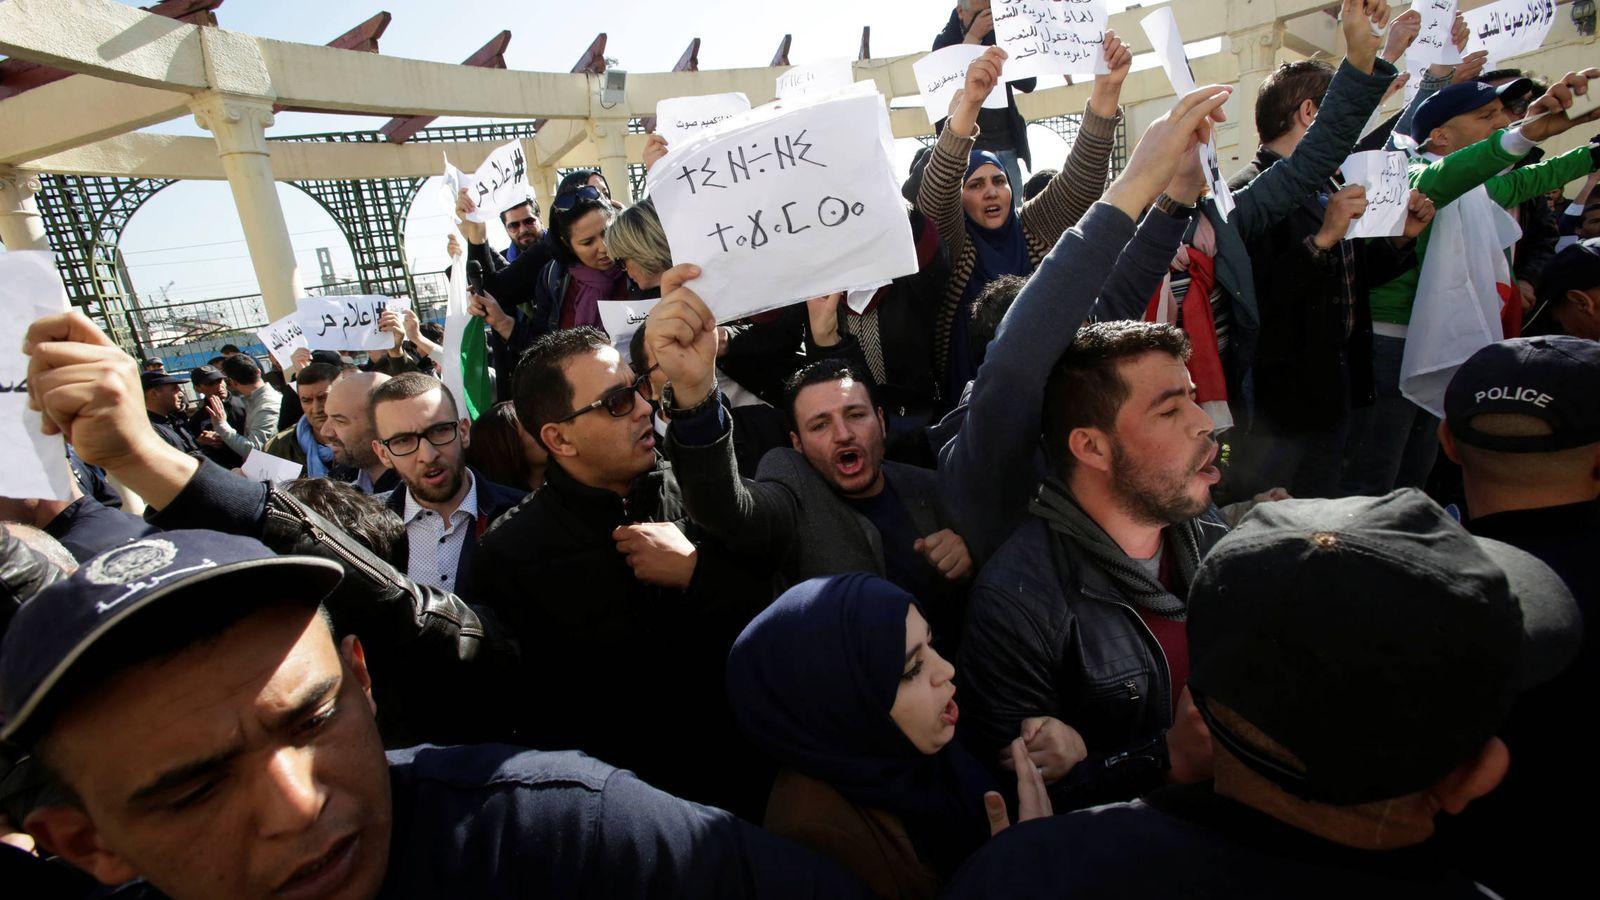 Foto: Periodistas protestan para poder cubrir las protestas que comenzaron hace una semana en Algeria. (Reuters)